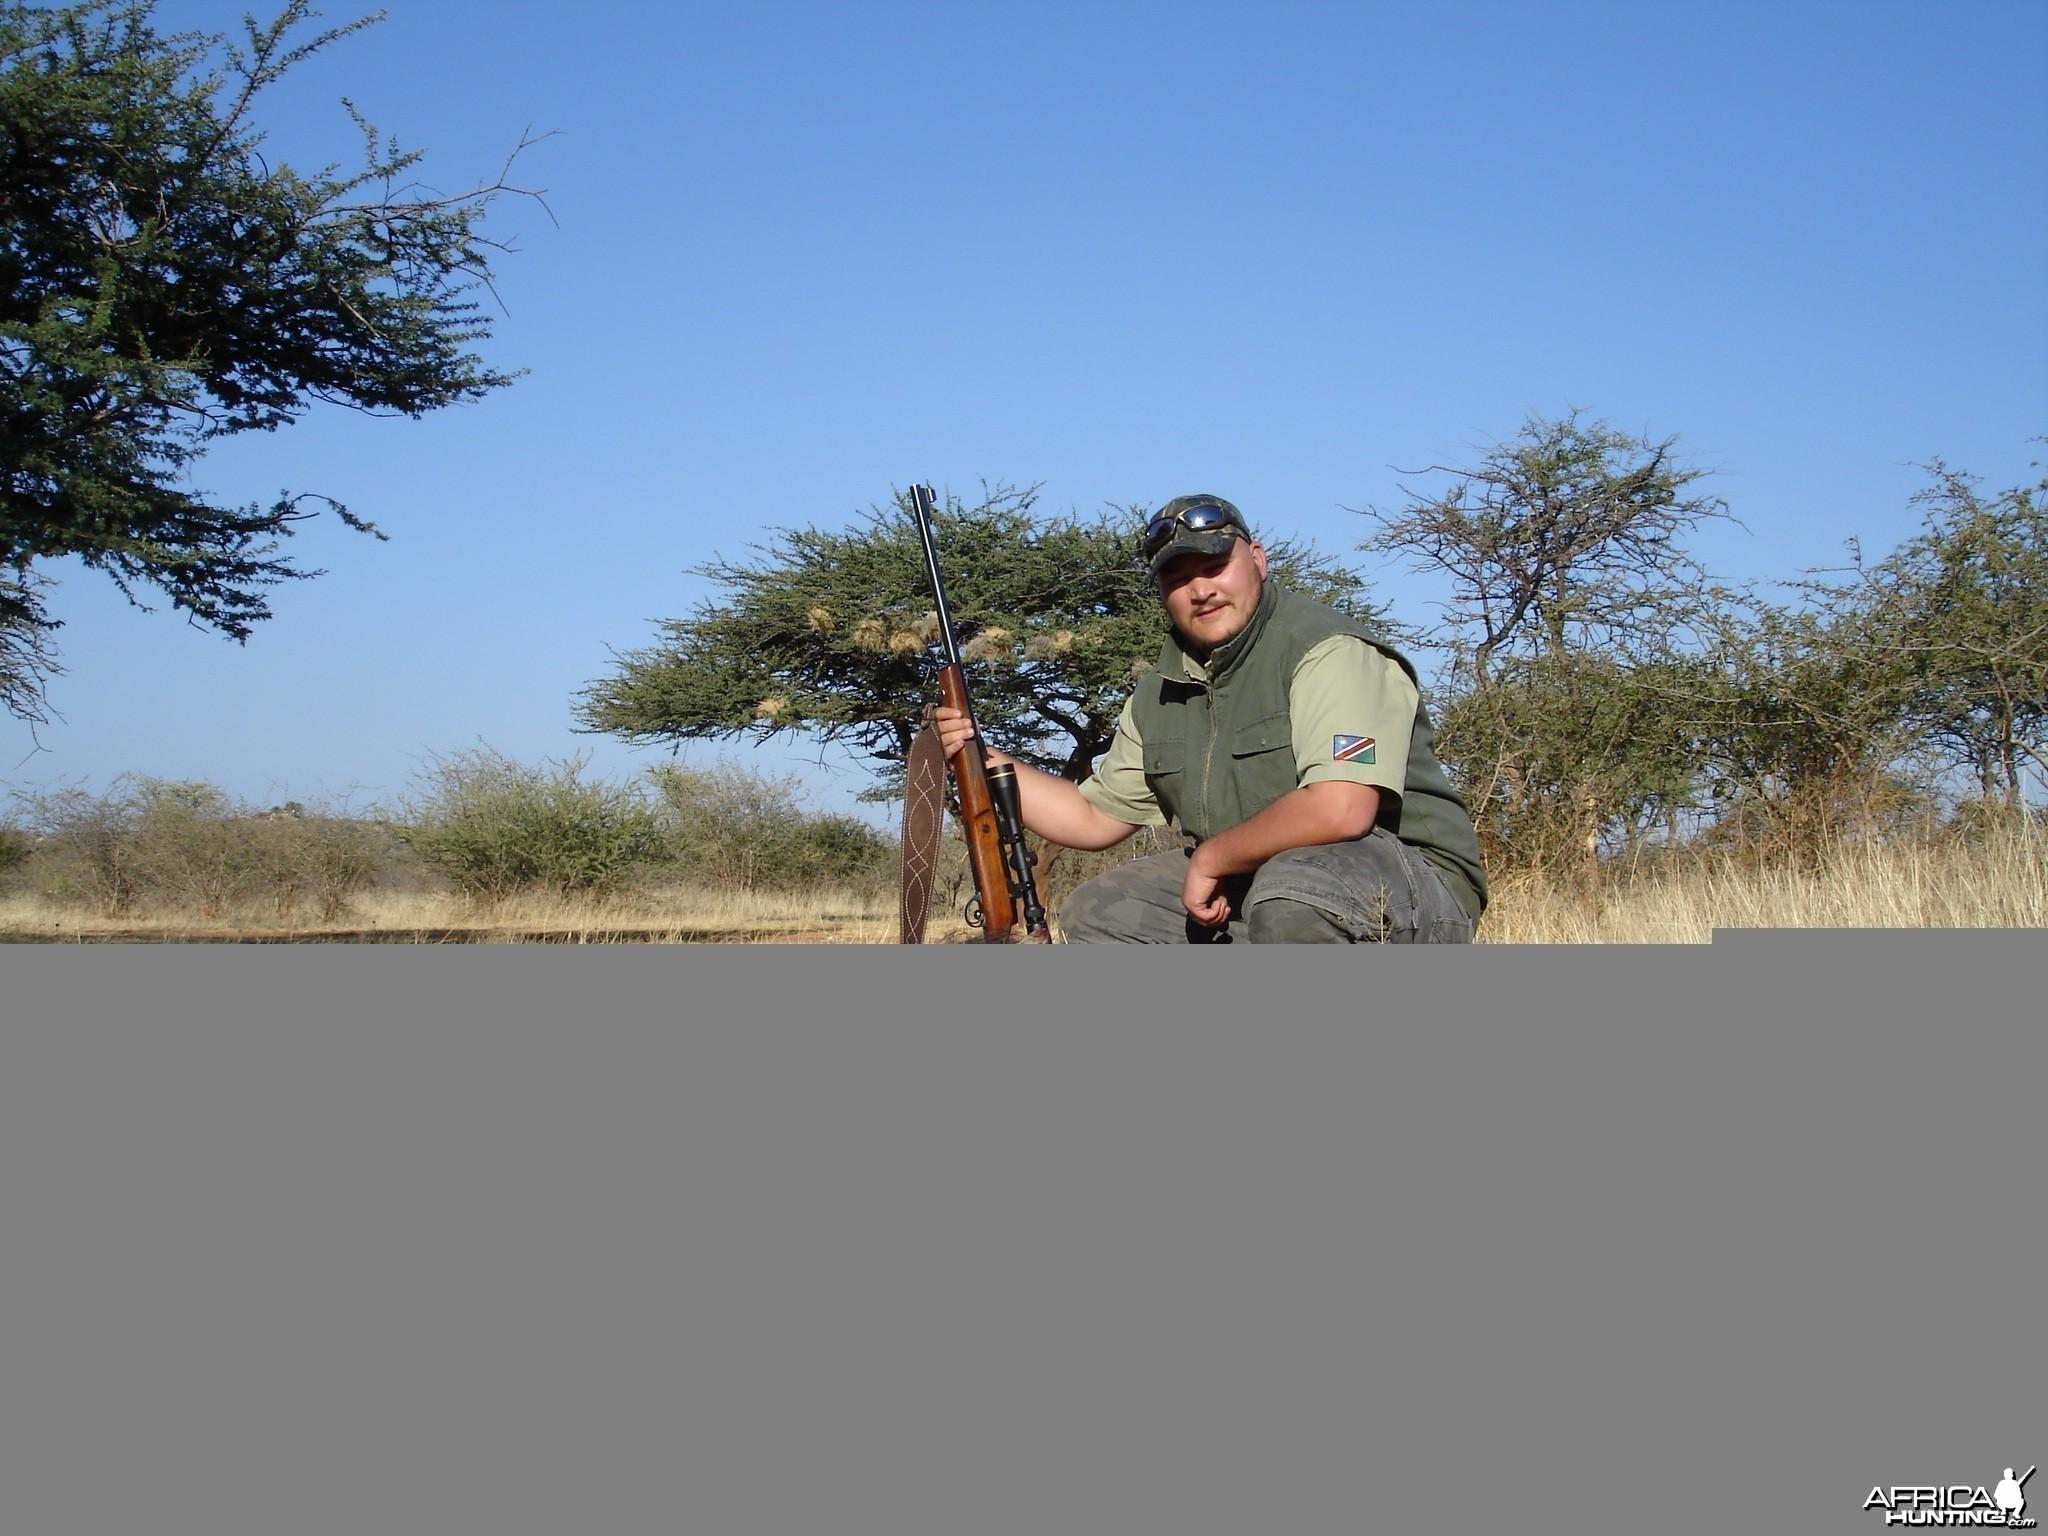 Warthog Namibia hunting 2008